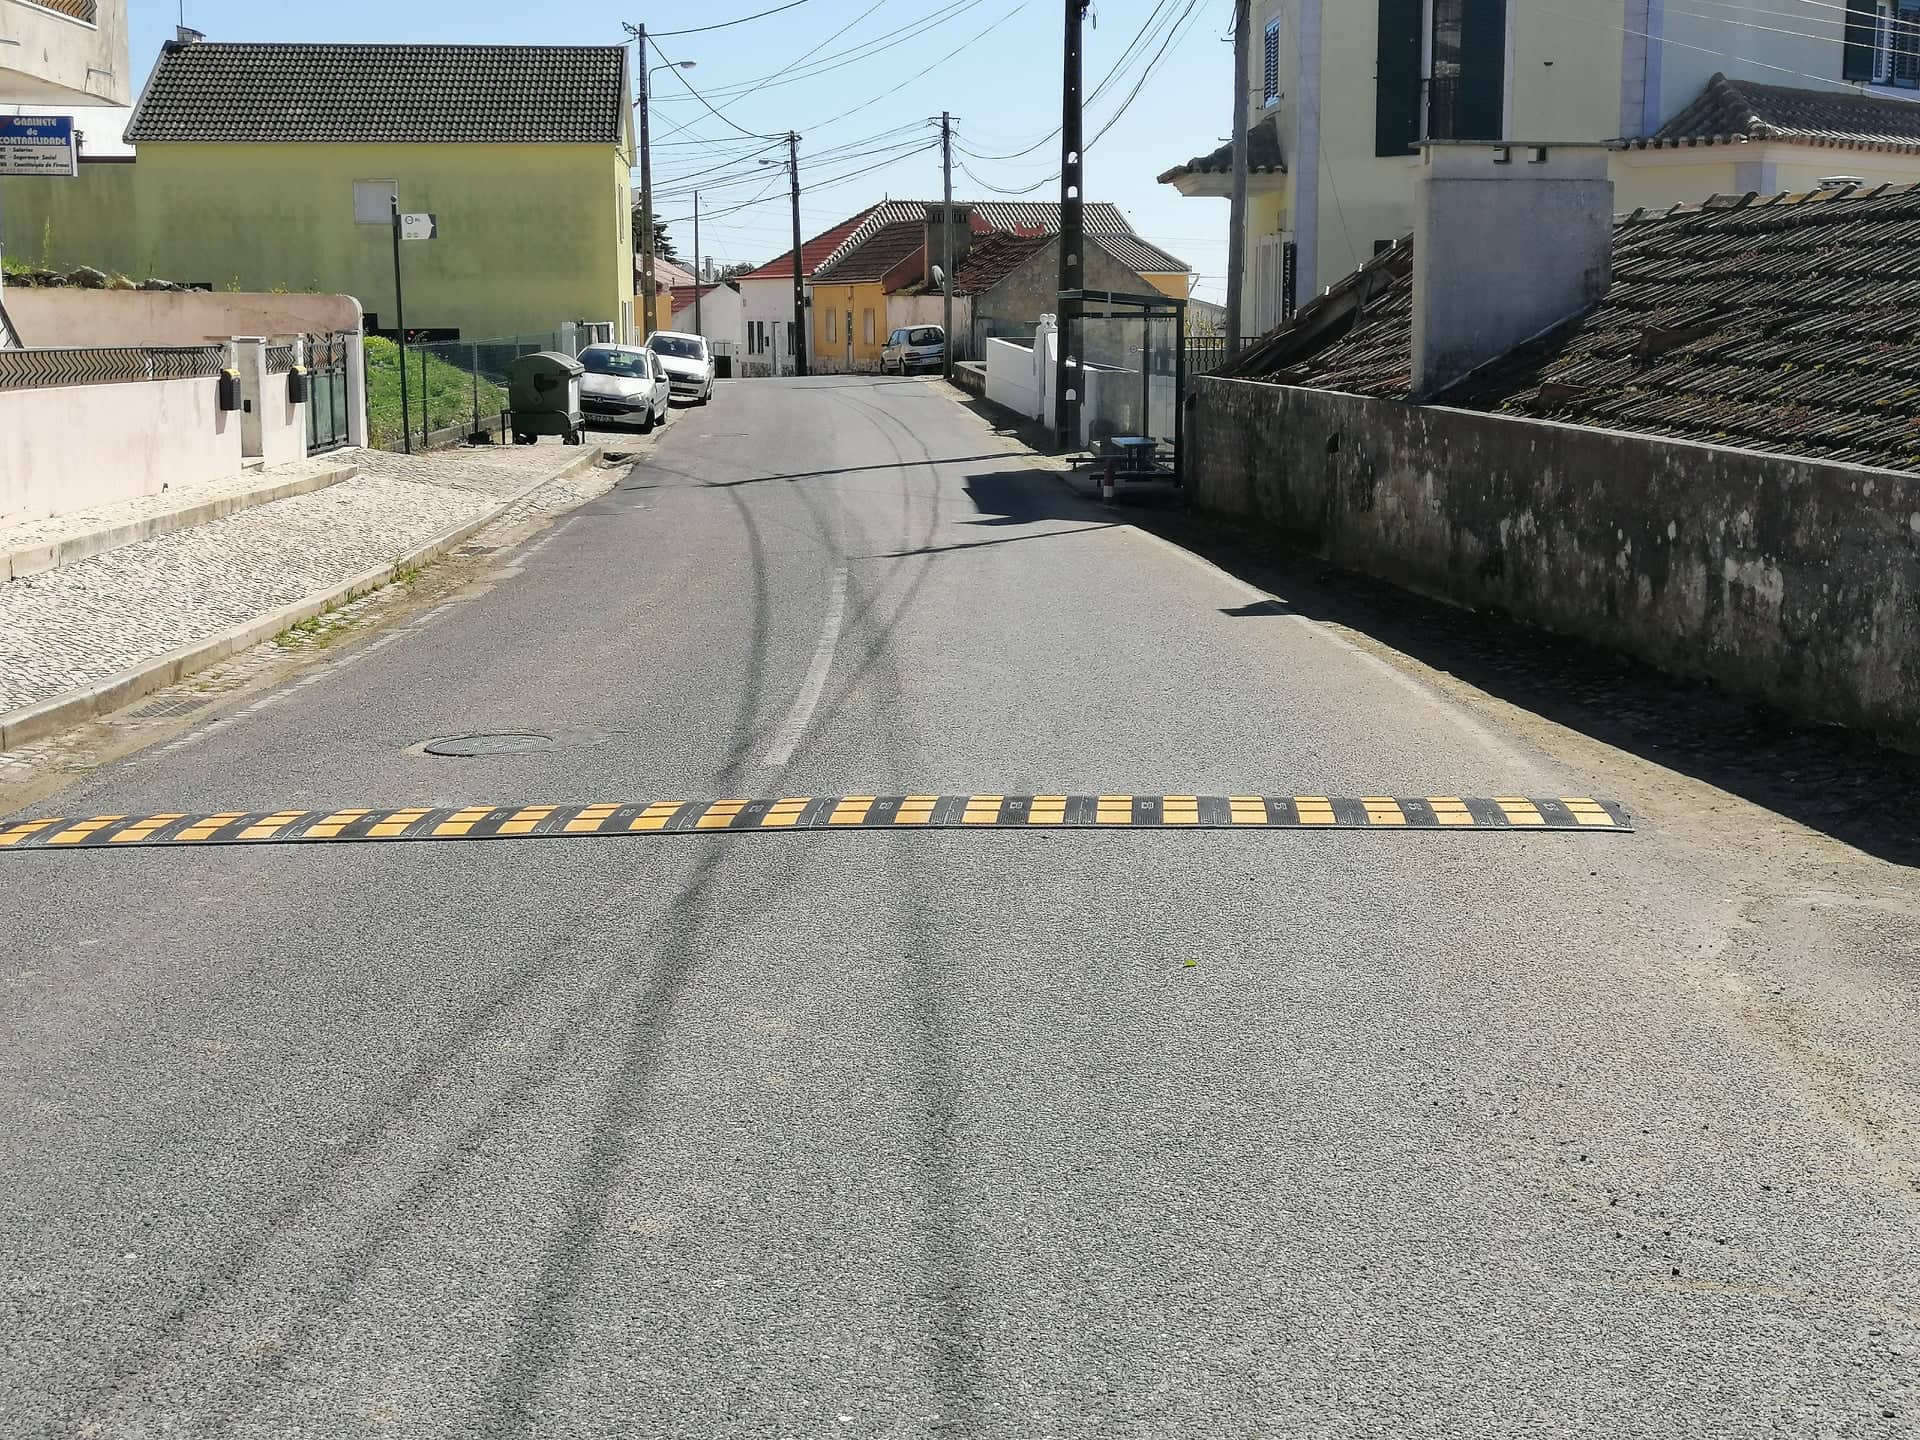 TORRE DA BESOEIRA -(tb) Colocação de Redutores de Velocidade à entrada da Localidade e repintura das Lombas em Betuminoso!